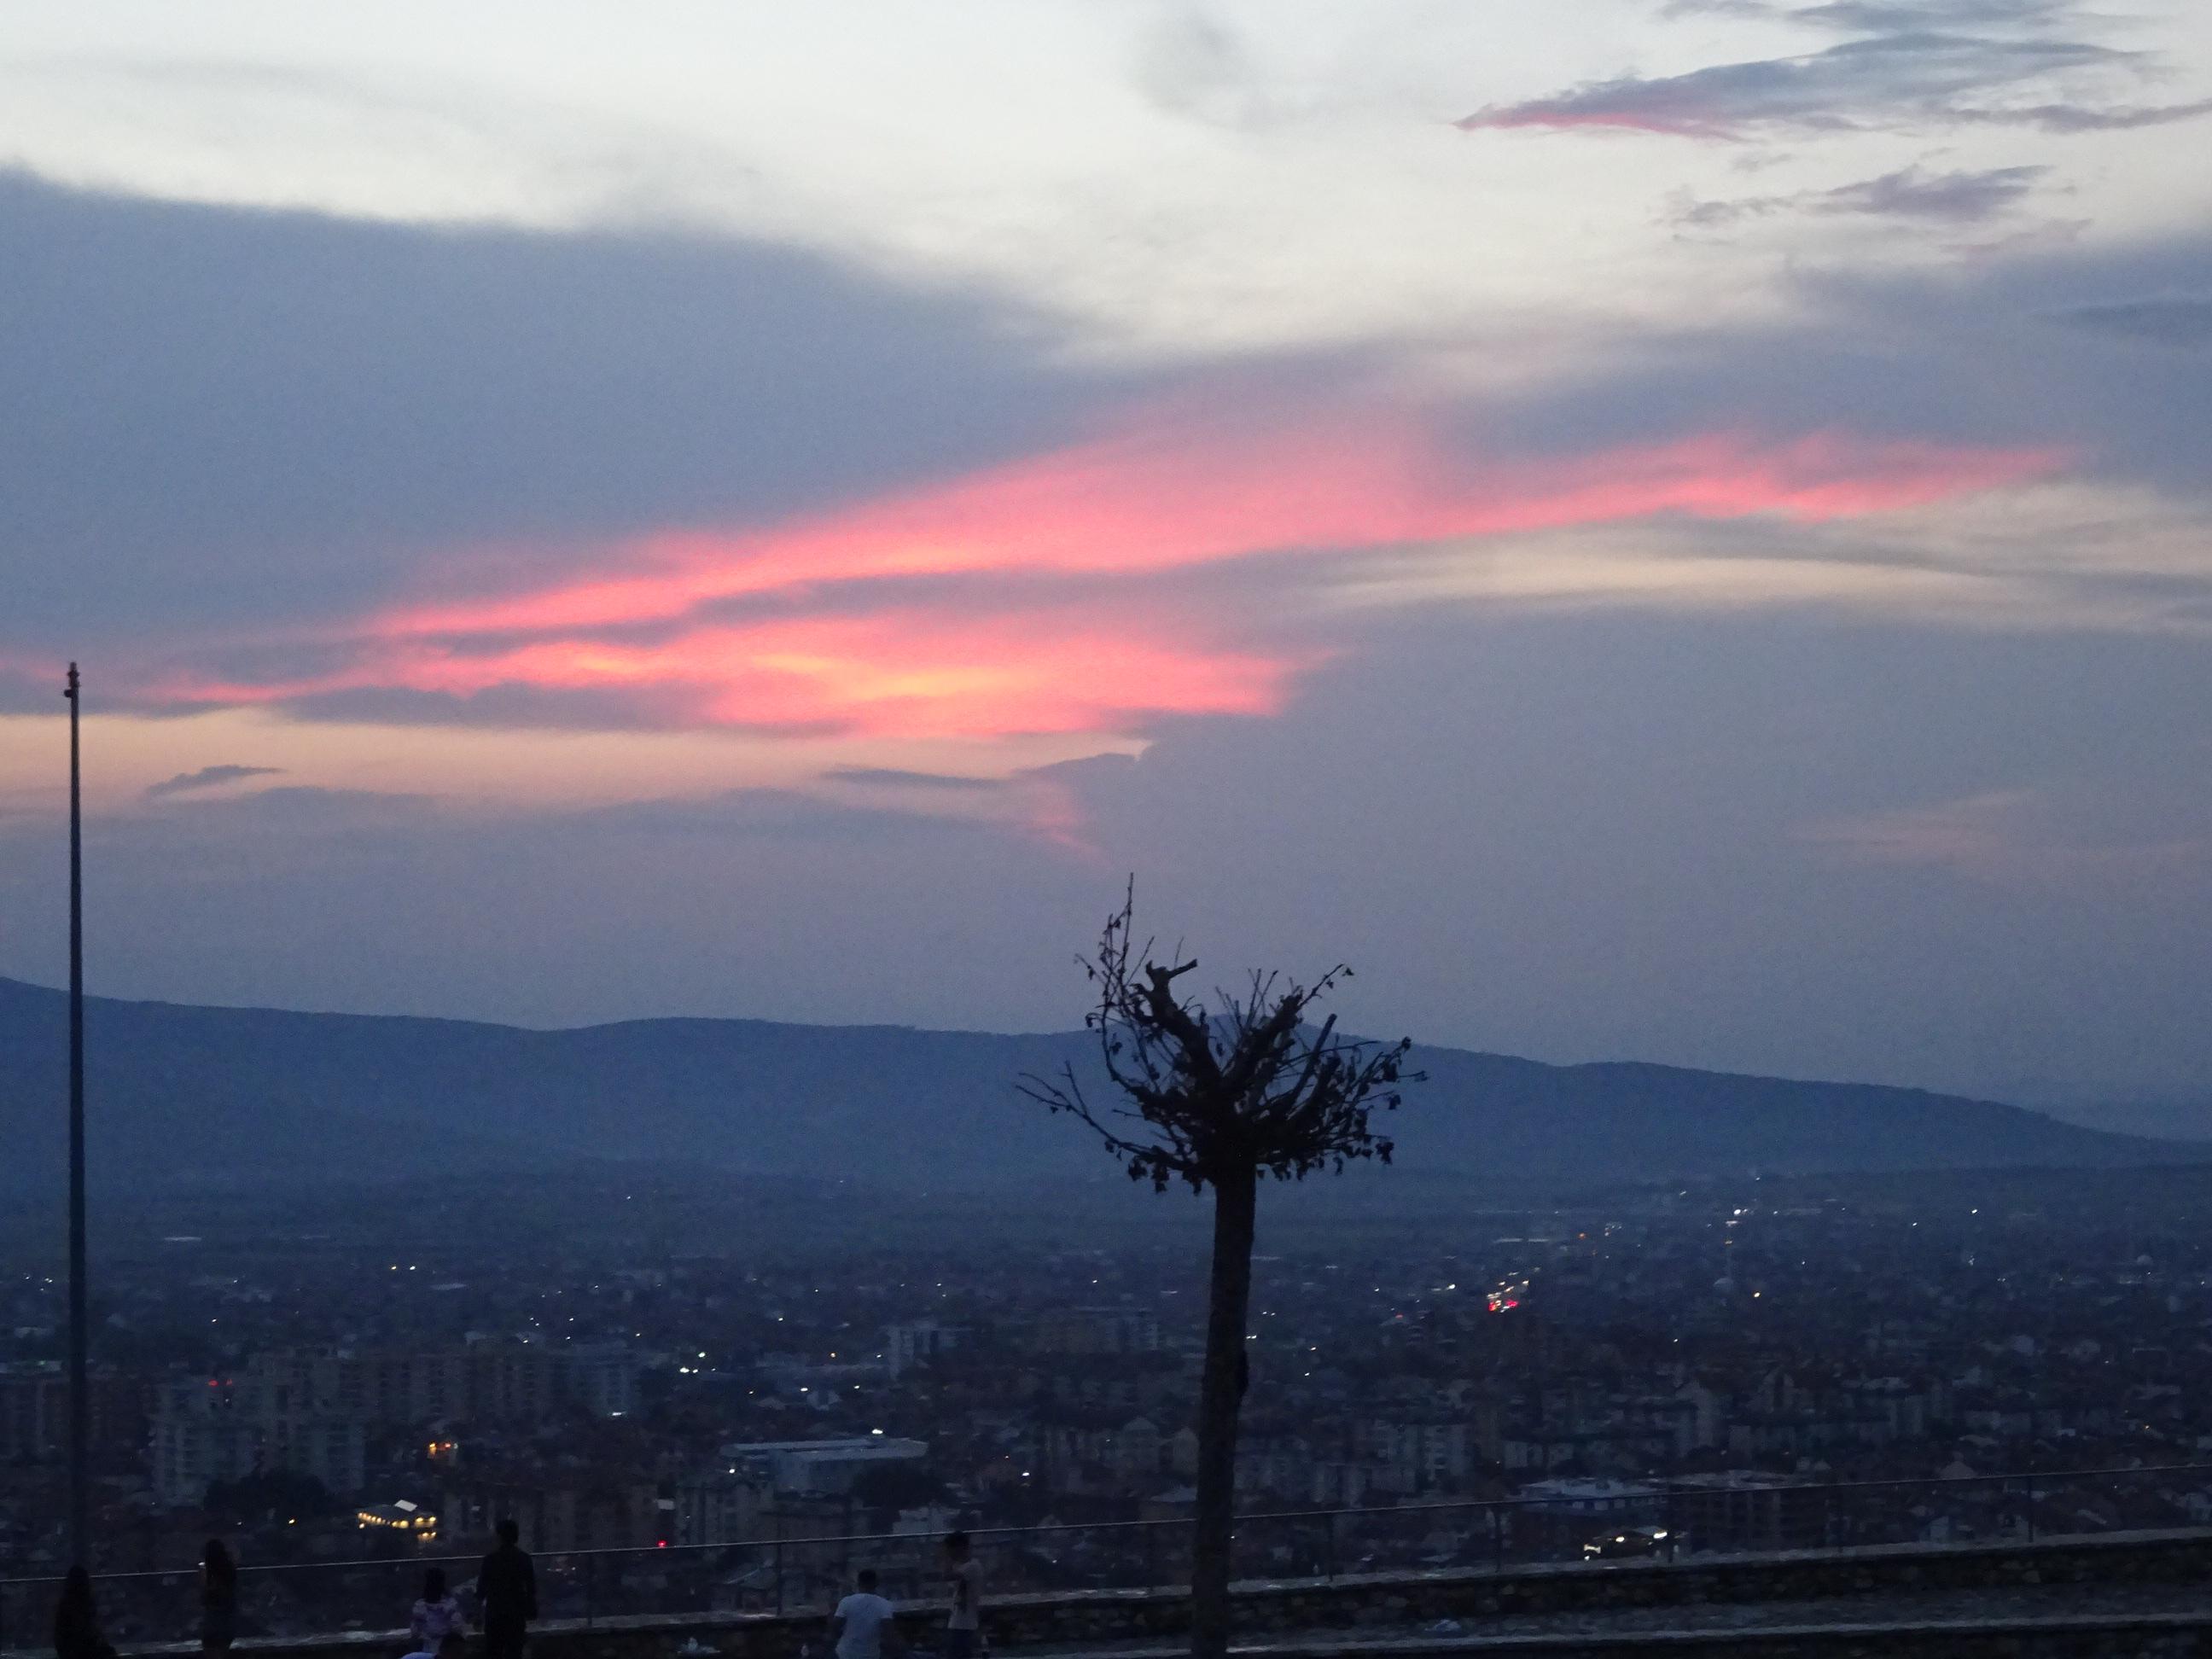 プリズレンの観光「プリズレン要塞」からの景色は空の色がキレイ